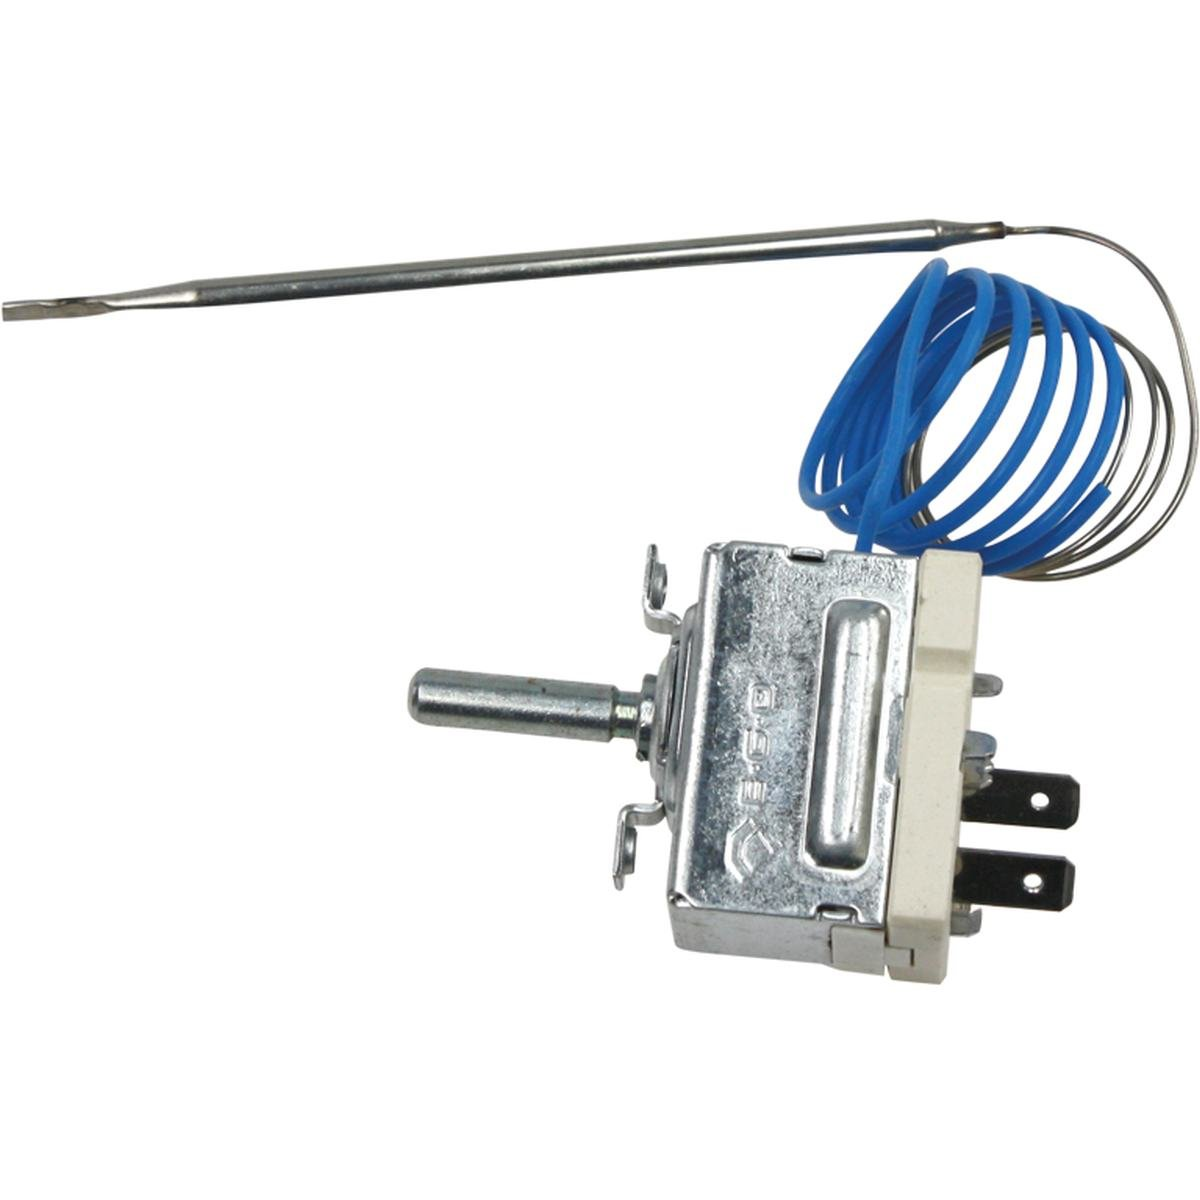 Ugnstermostat - Bosch Siemens